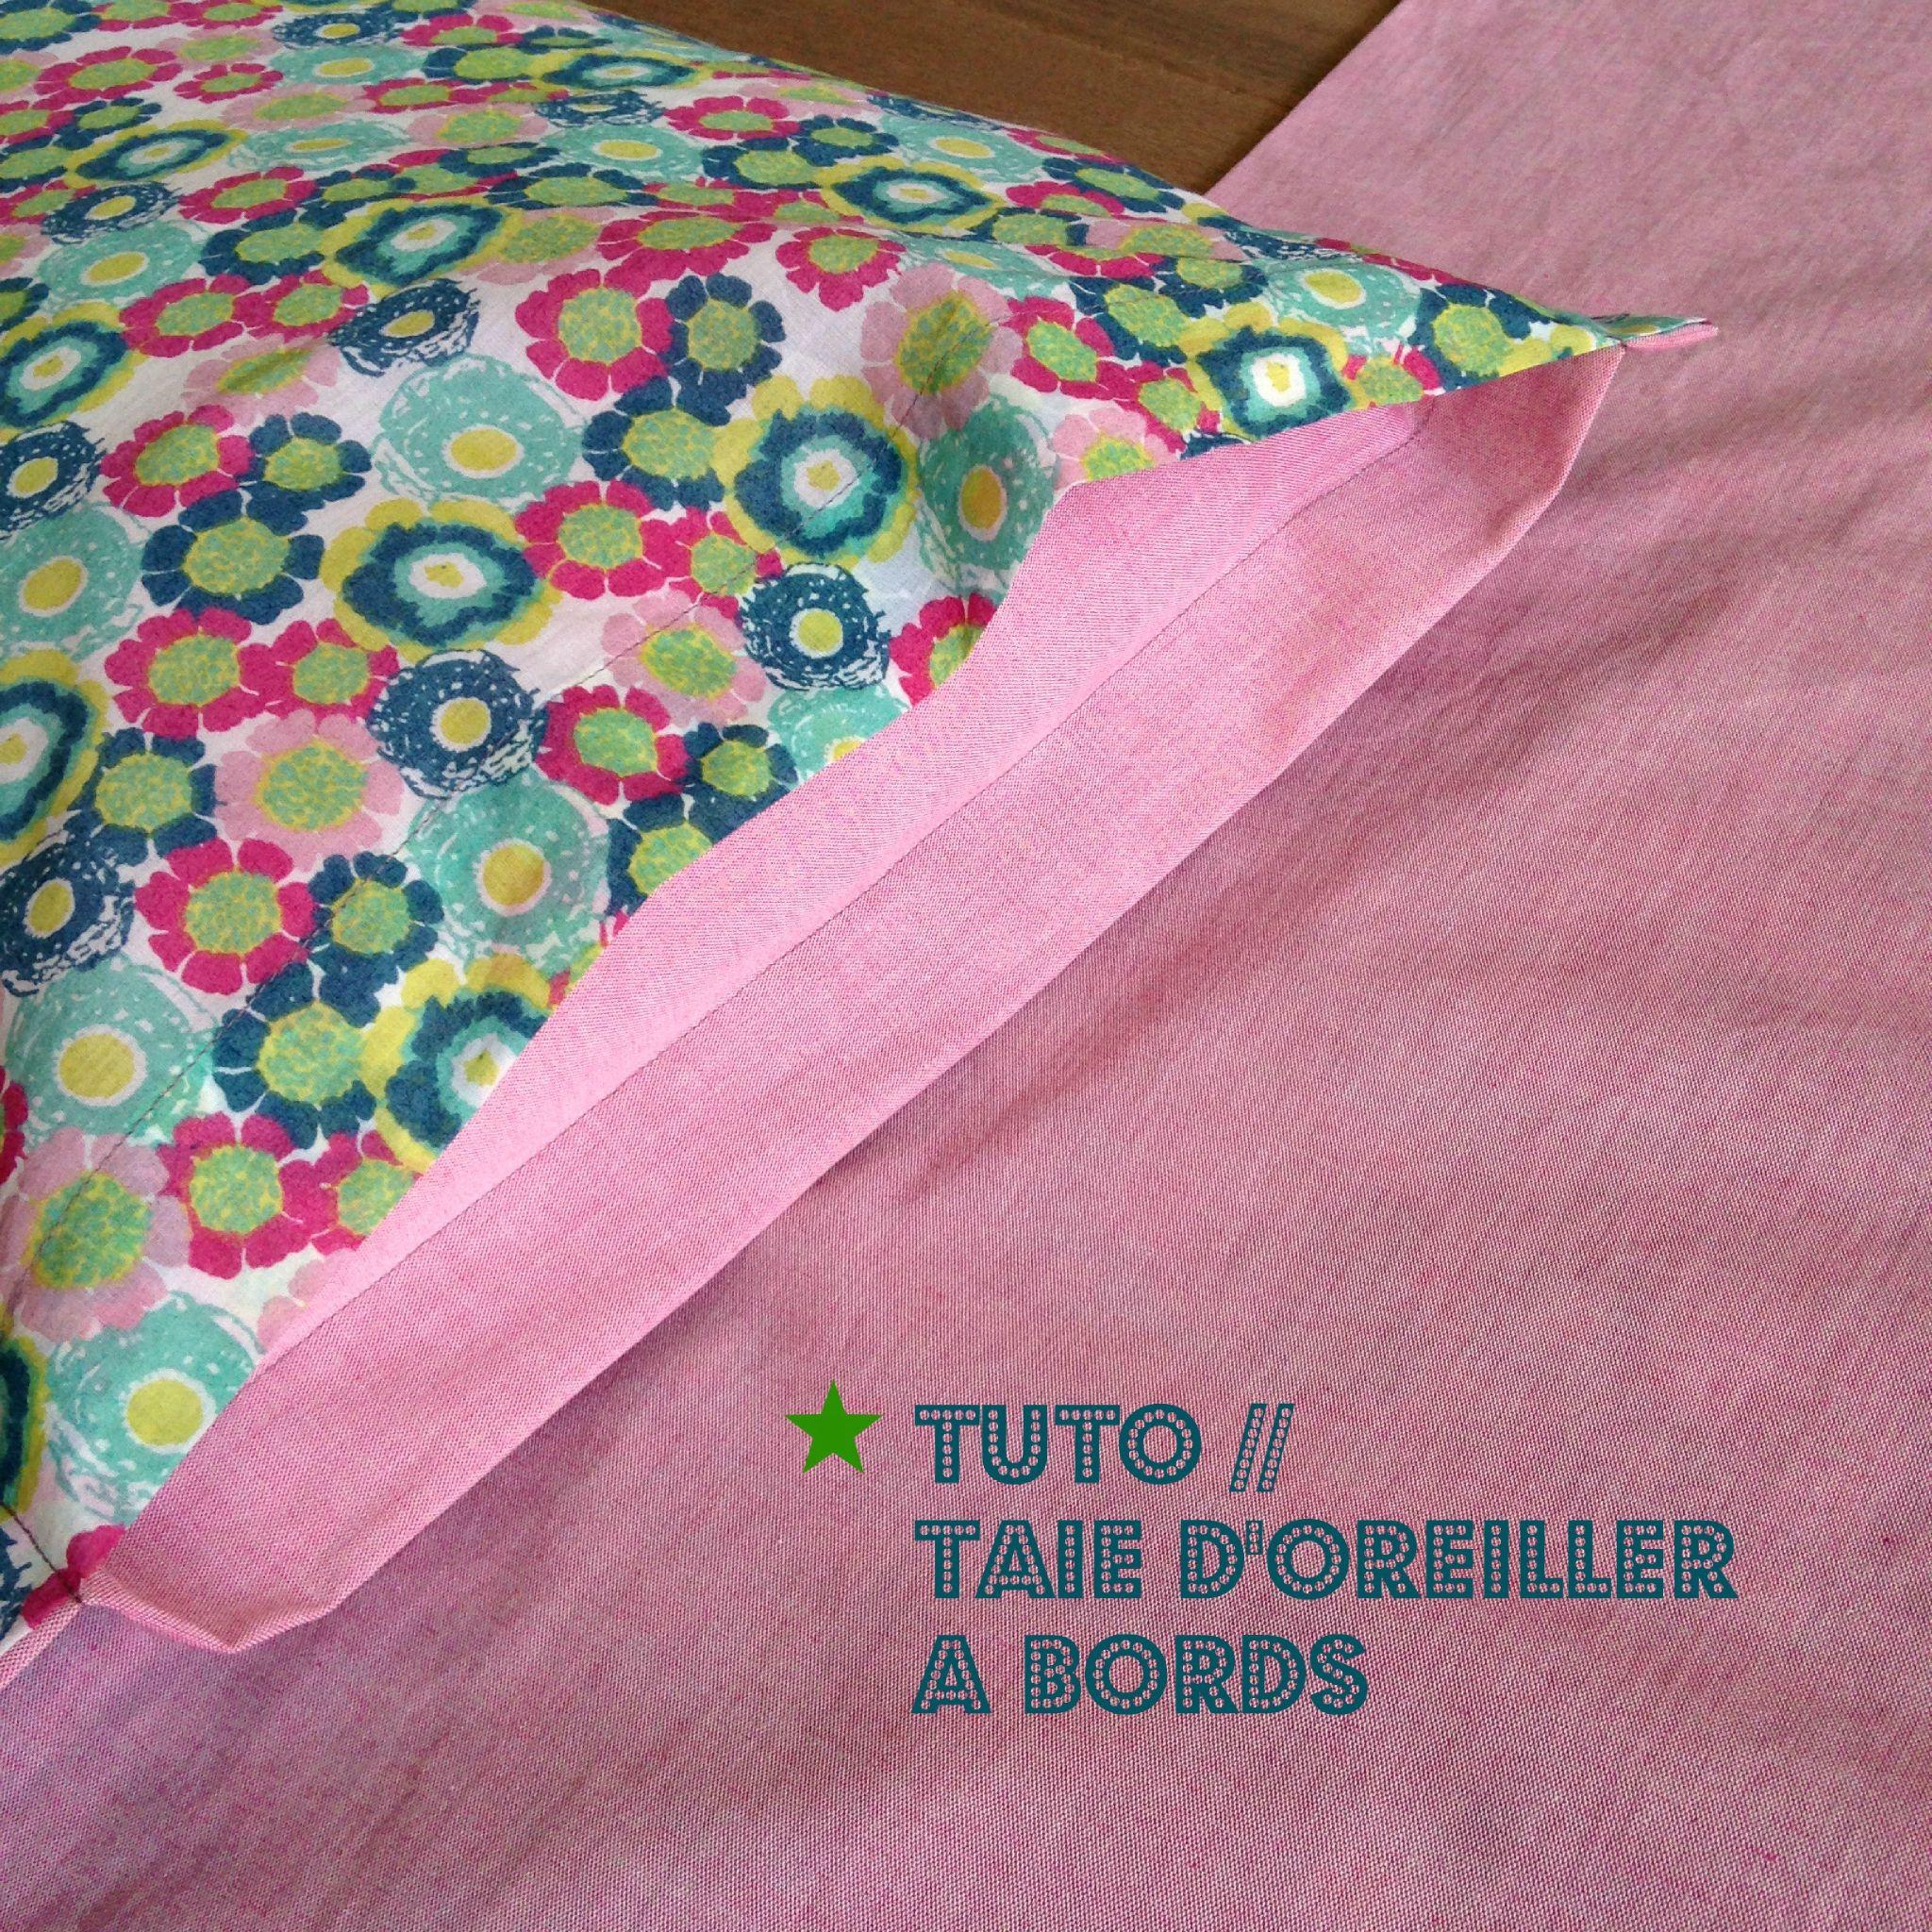 comment faire une taie d oreiller portefeuille tuto taie d'oreiller | DIY divers | Pinterest | Oreiller, Bord et Tuto comment faire une taie d oreiller portefeuille